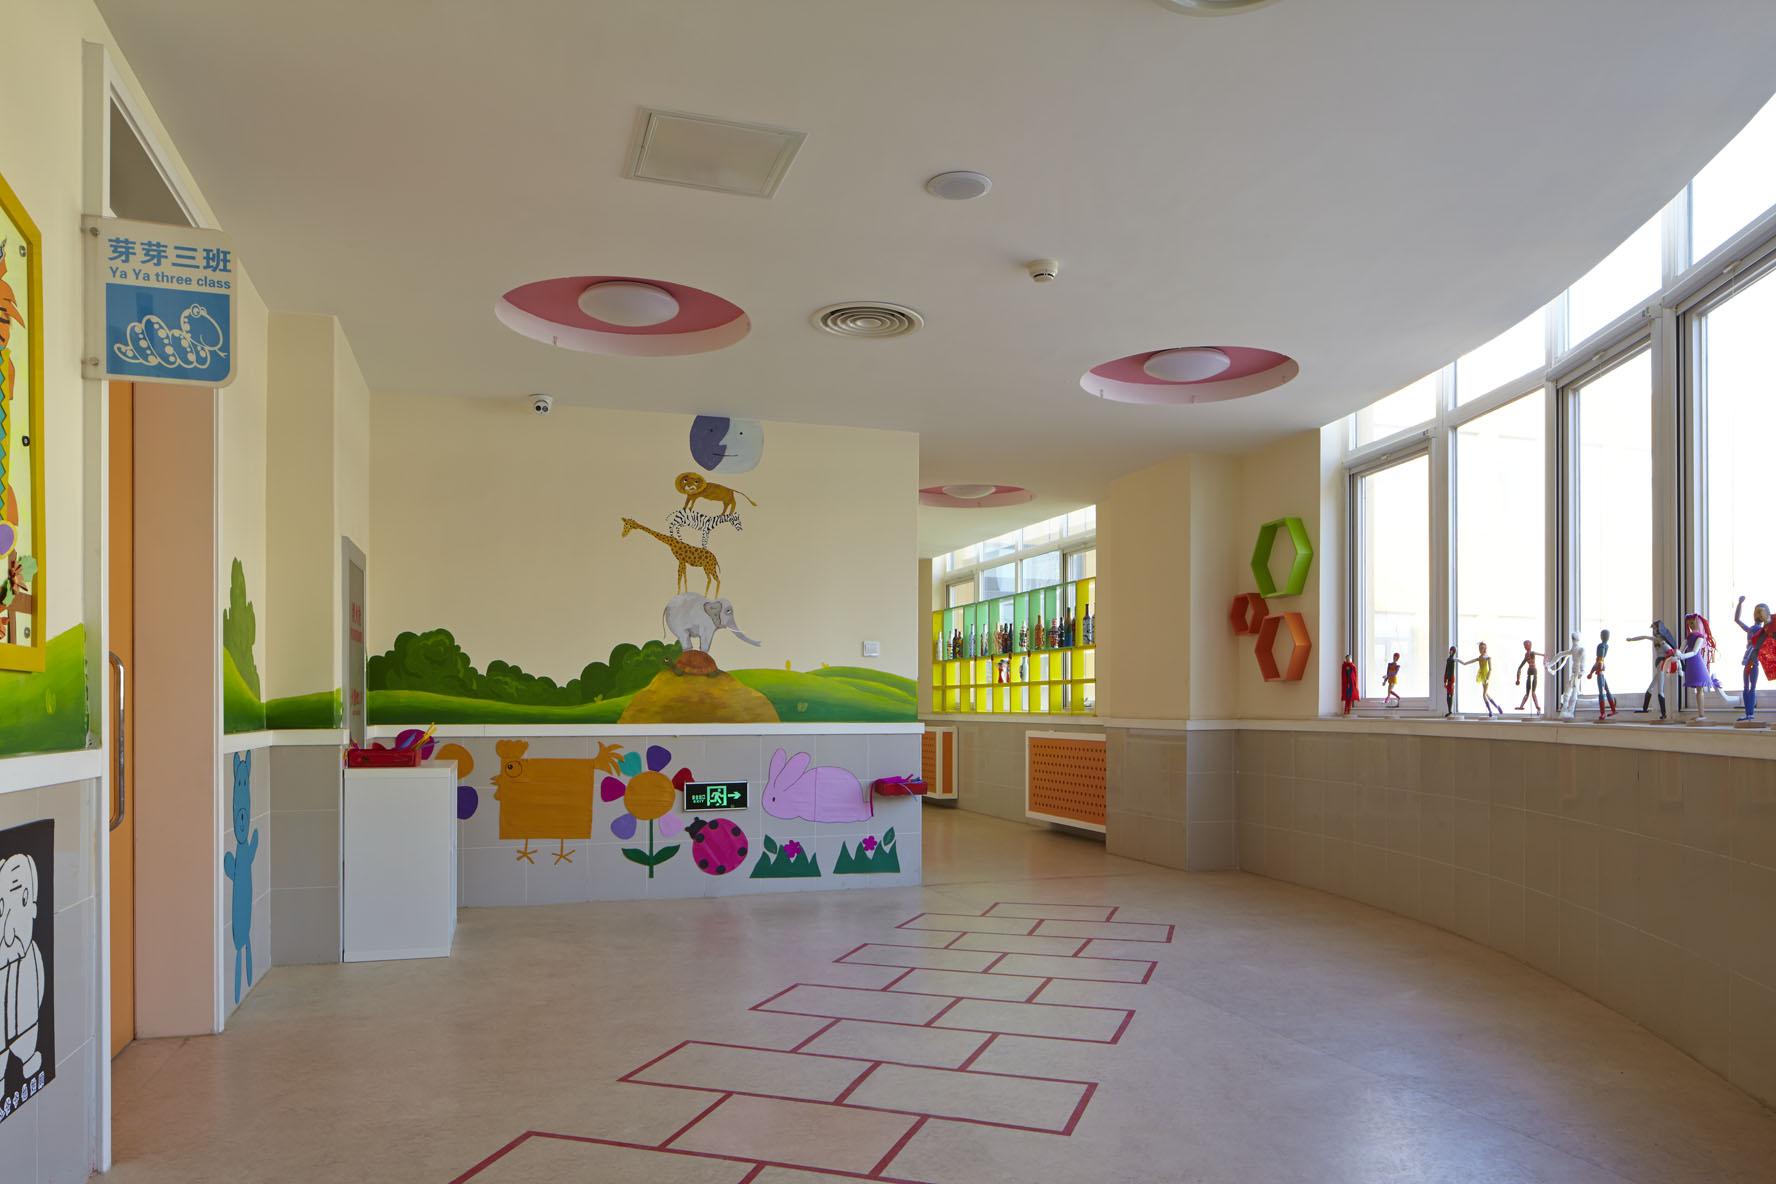 亦庄第五幼儿园室内设计